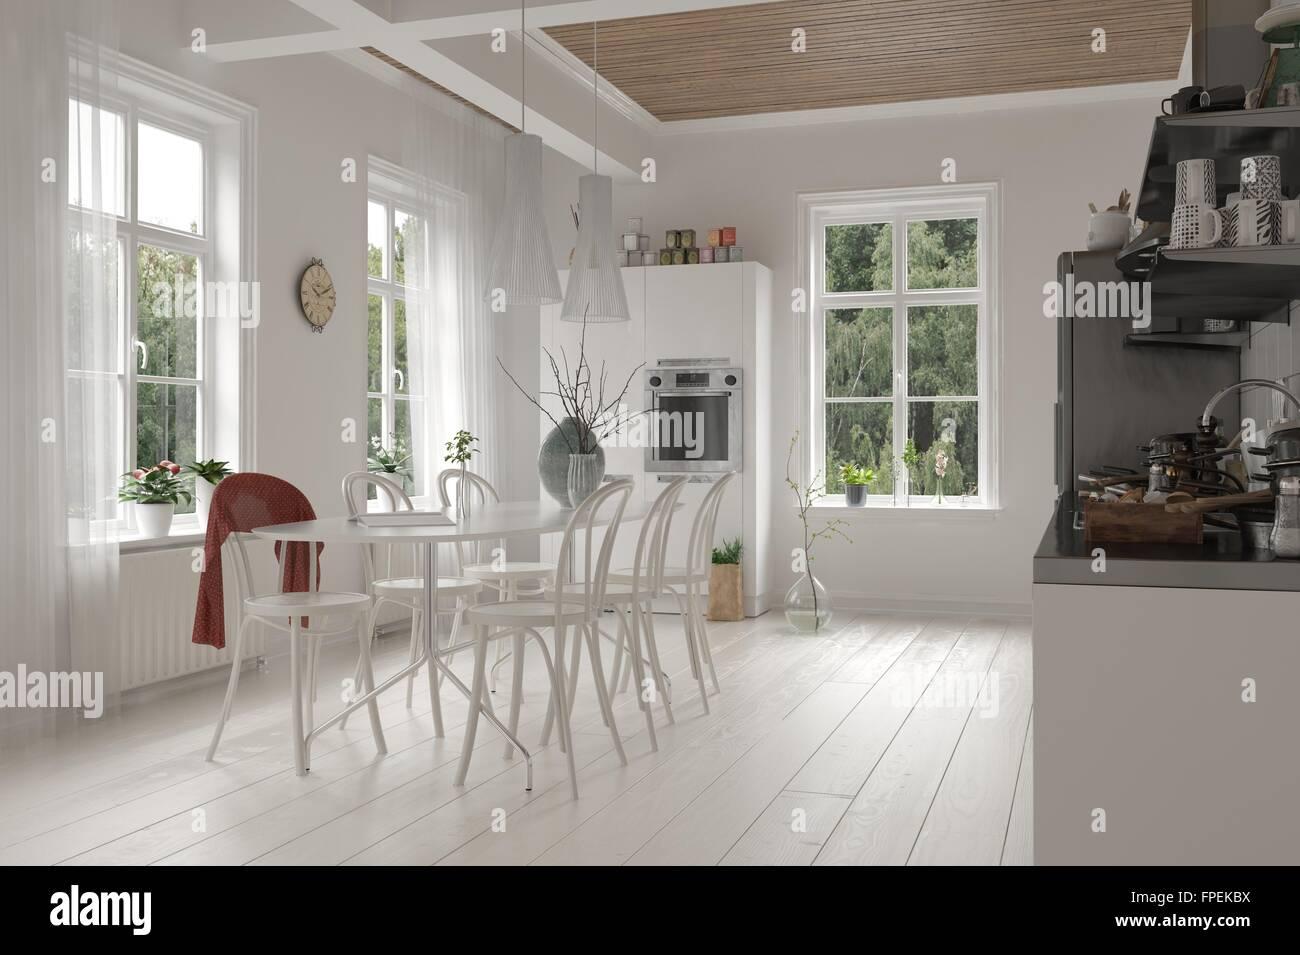 Offene geräumige weiße küche und esszimmer interieur in einem loft